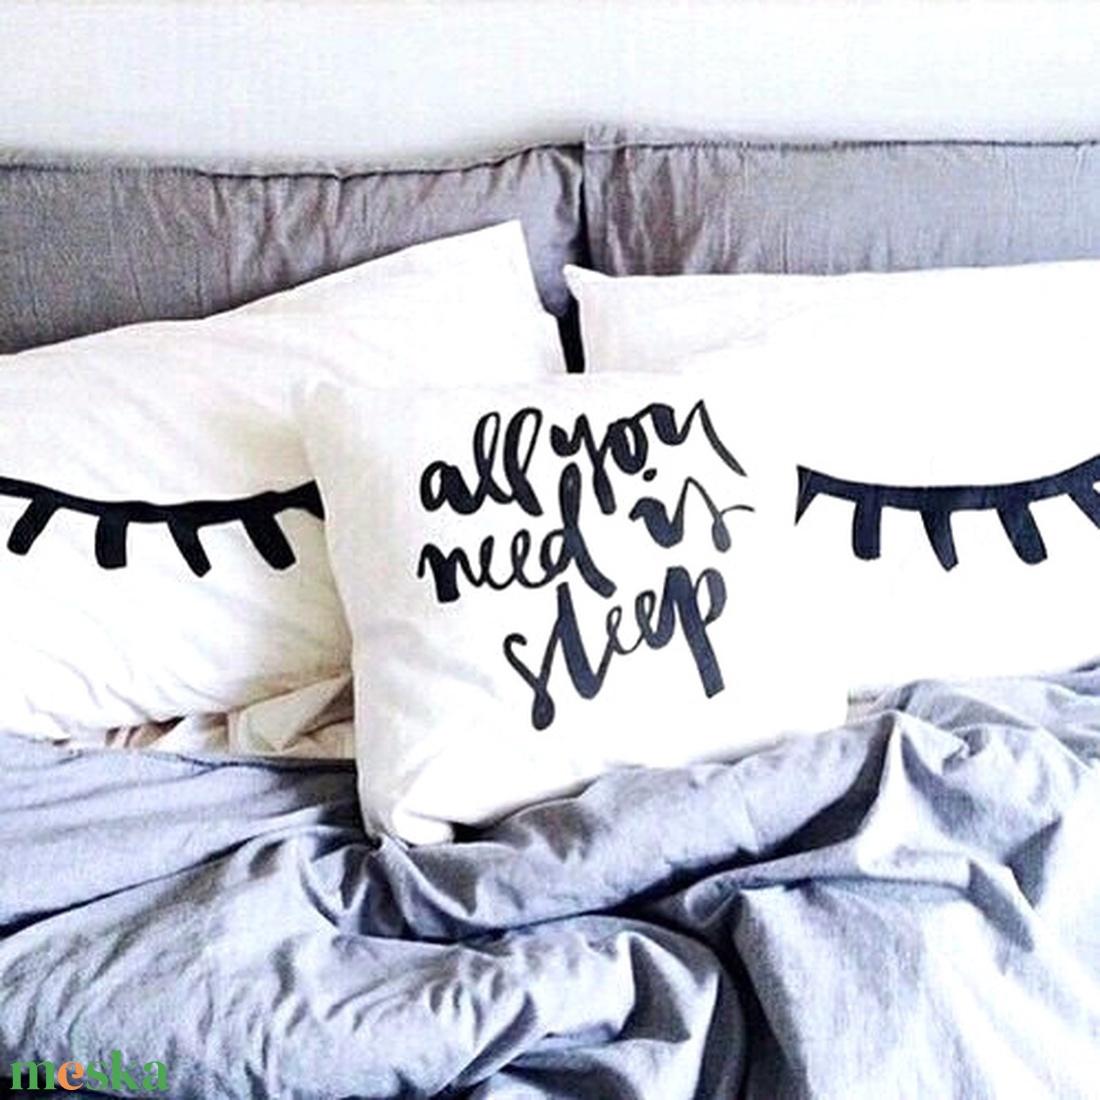 Szempillás ajándék dekor párna szett 3db-os, All you need is sleep feliratos, Szempillás csajos díszpárna garnitúra - Meska.hu